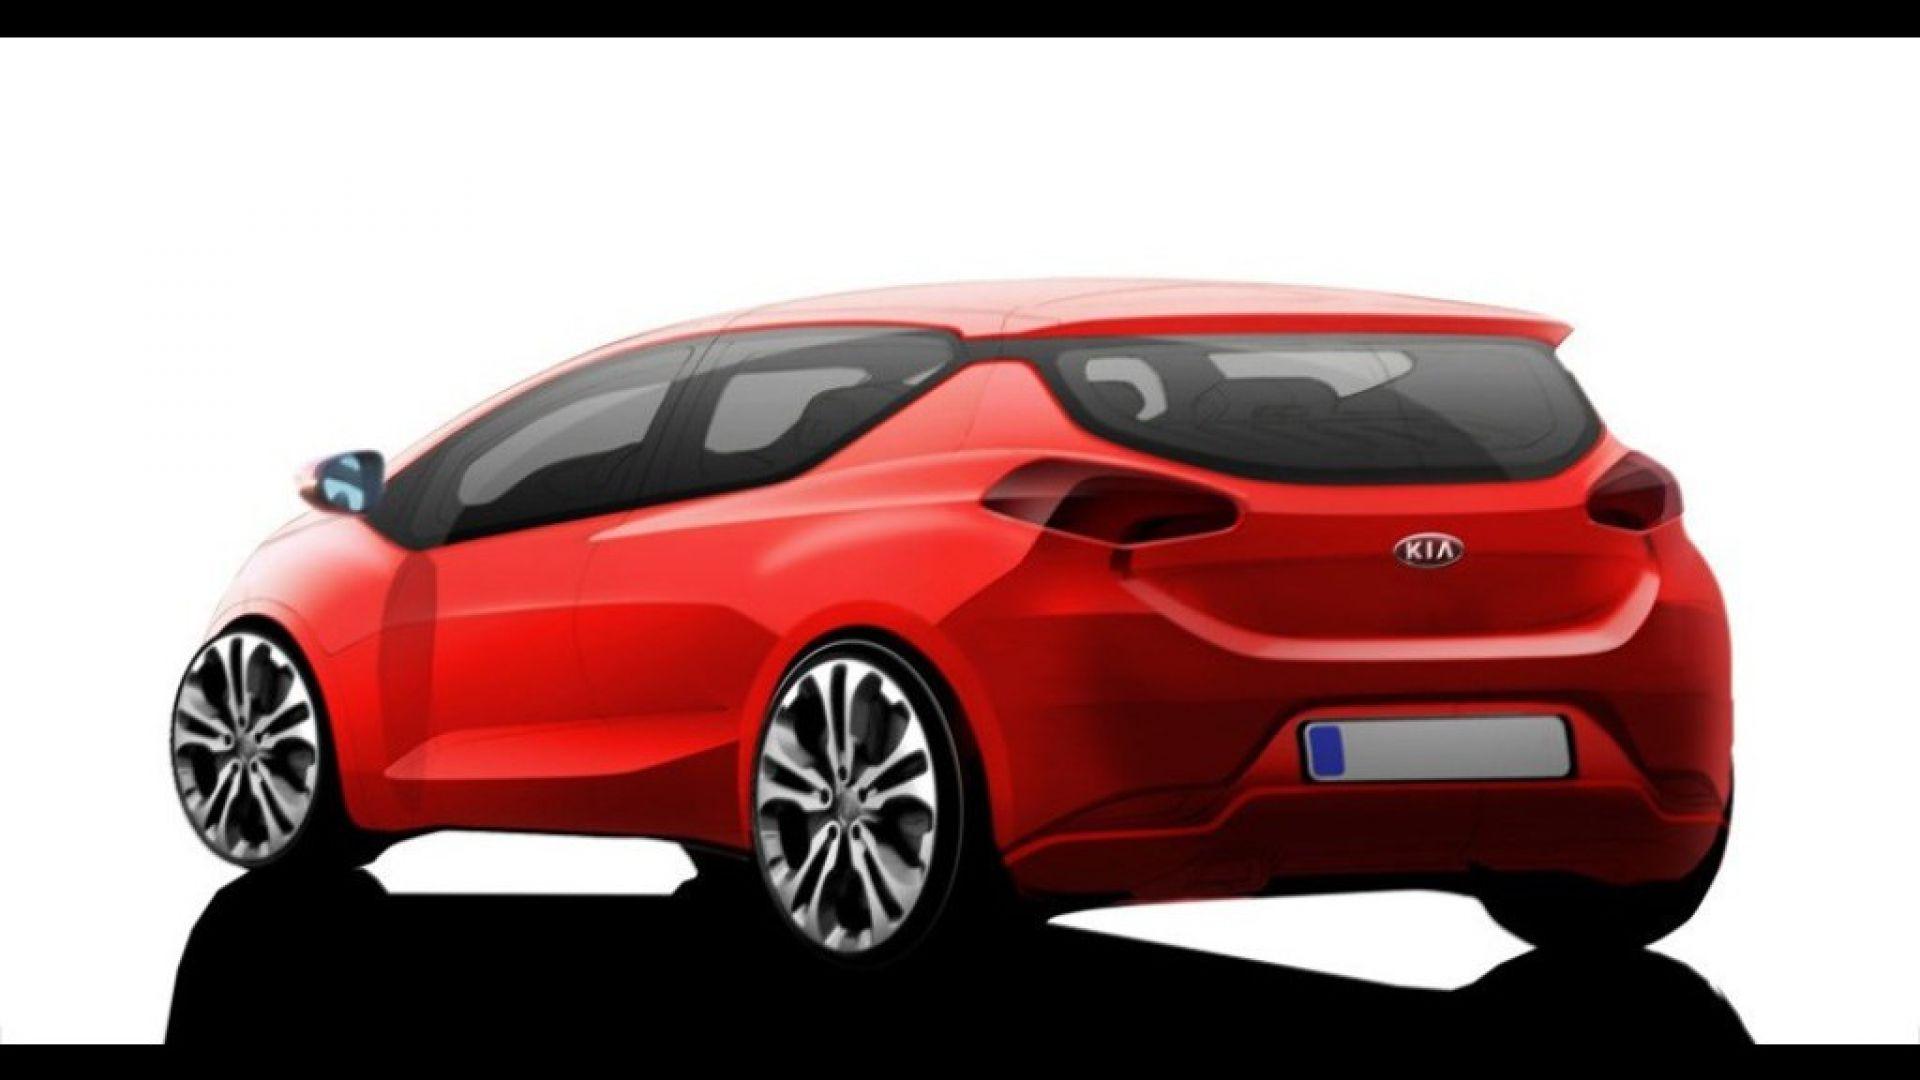 Immagine 0: Kia pro cee'd 2012: il bozzetto a colori